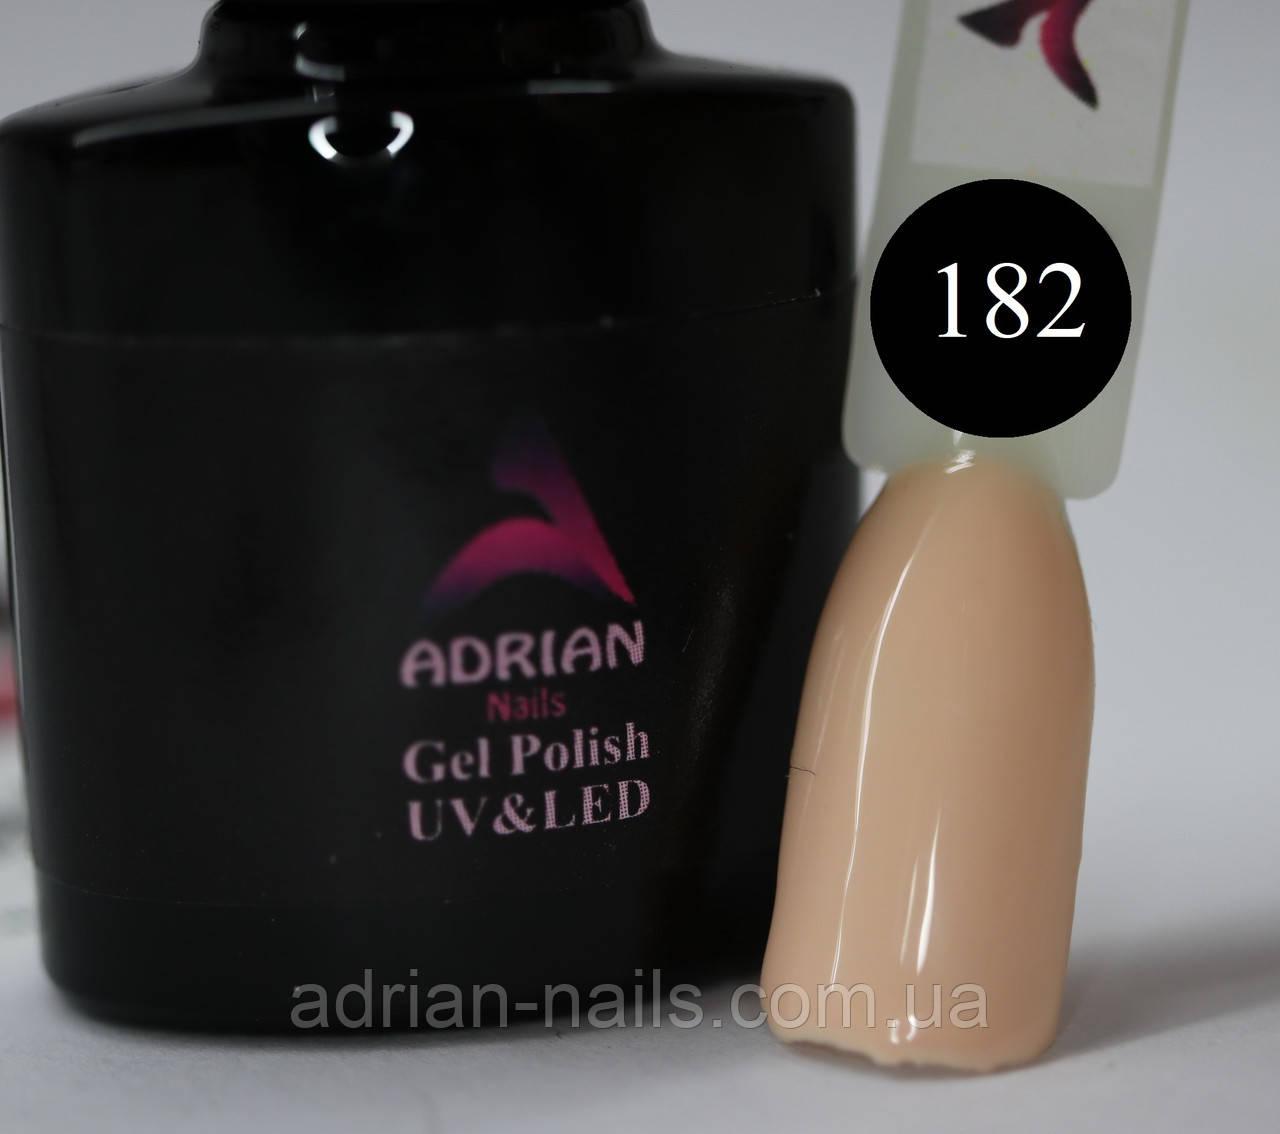 Гель-лак Adrian Nails 10ml - 182